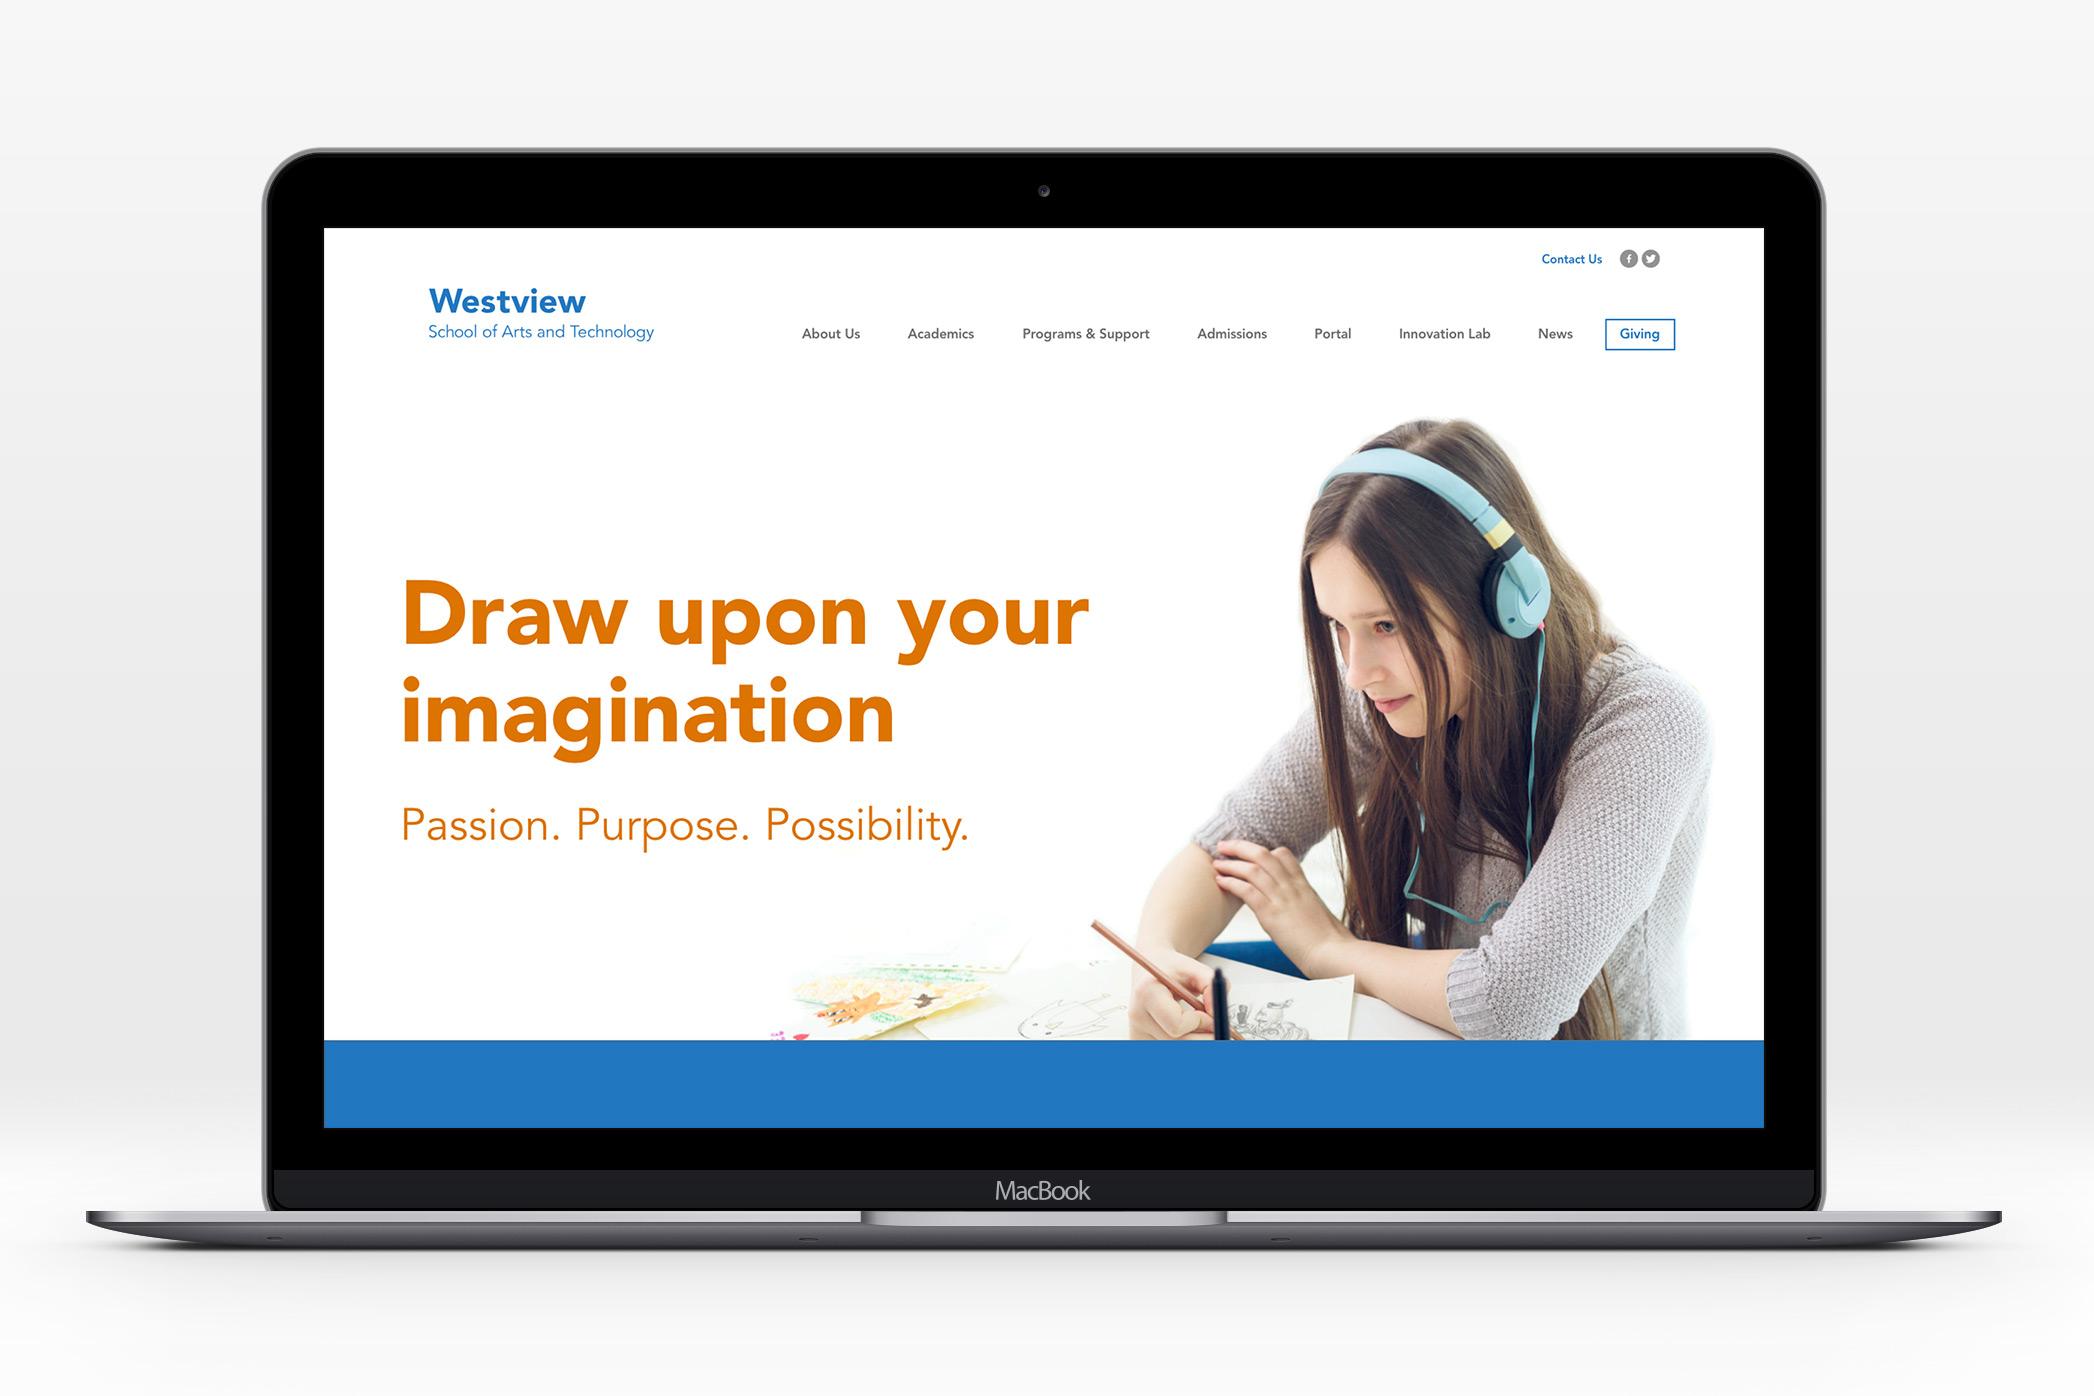 westview-web-mockup-5.jpg